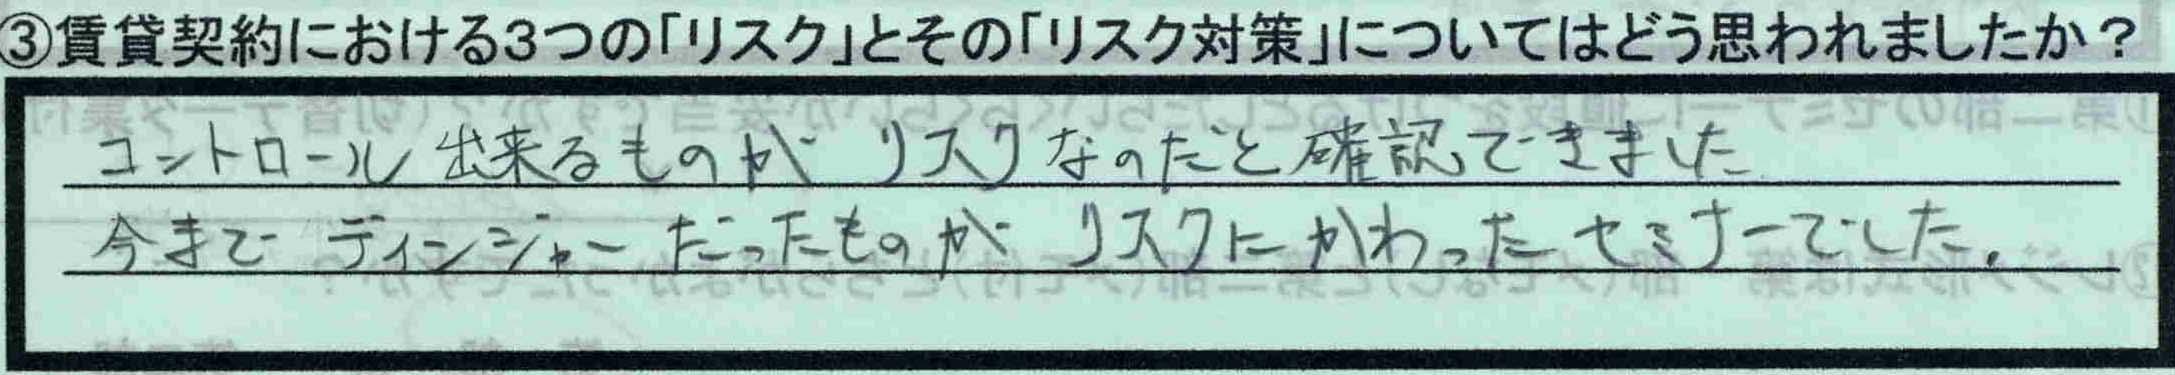 【東京都江戸川区】【福田智匡さん】【リスク対策について】